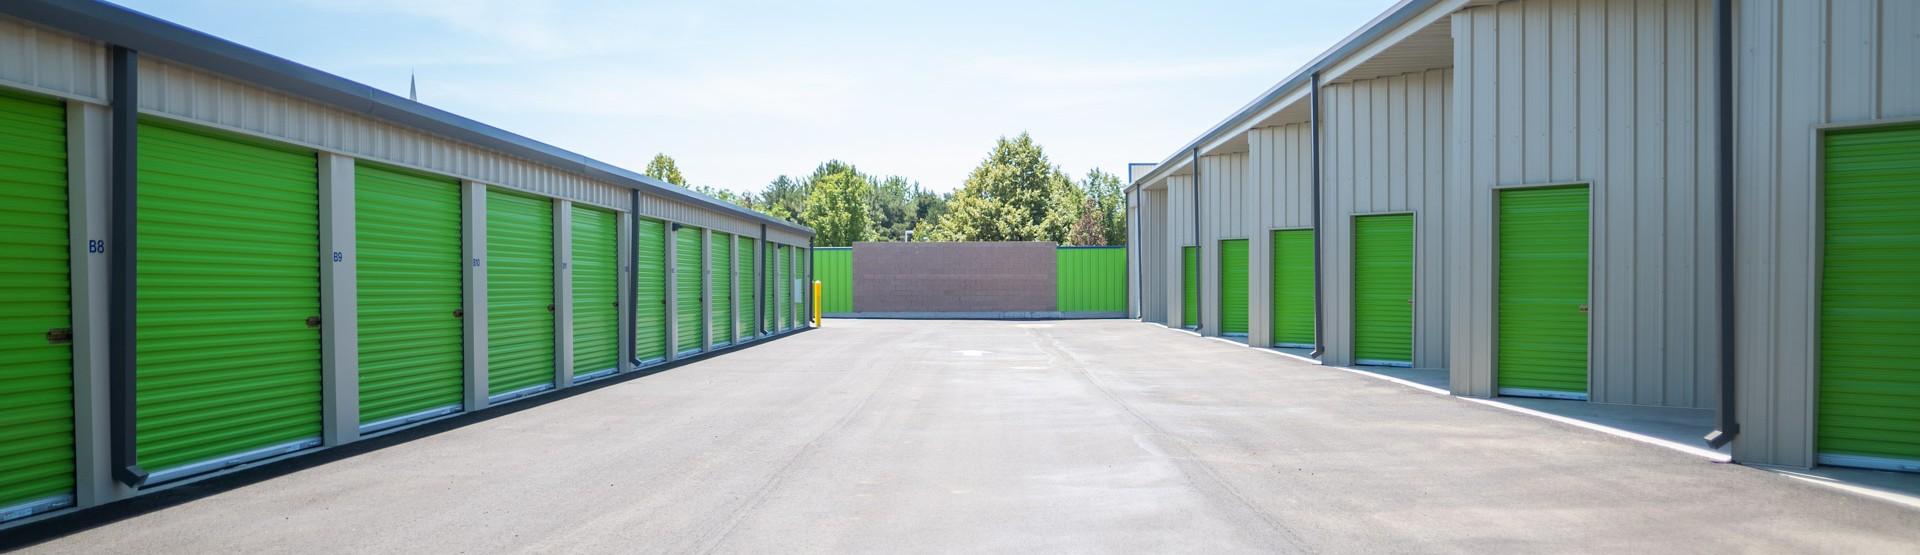 Self Storage units in Boise, ID